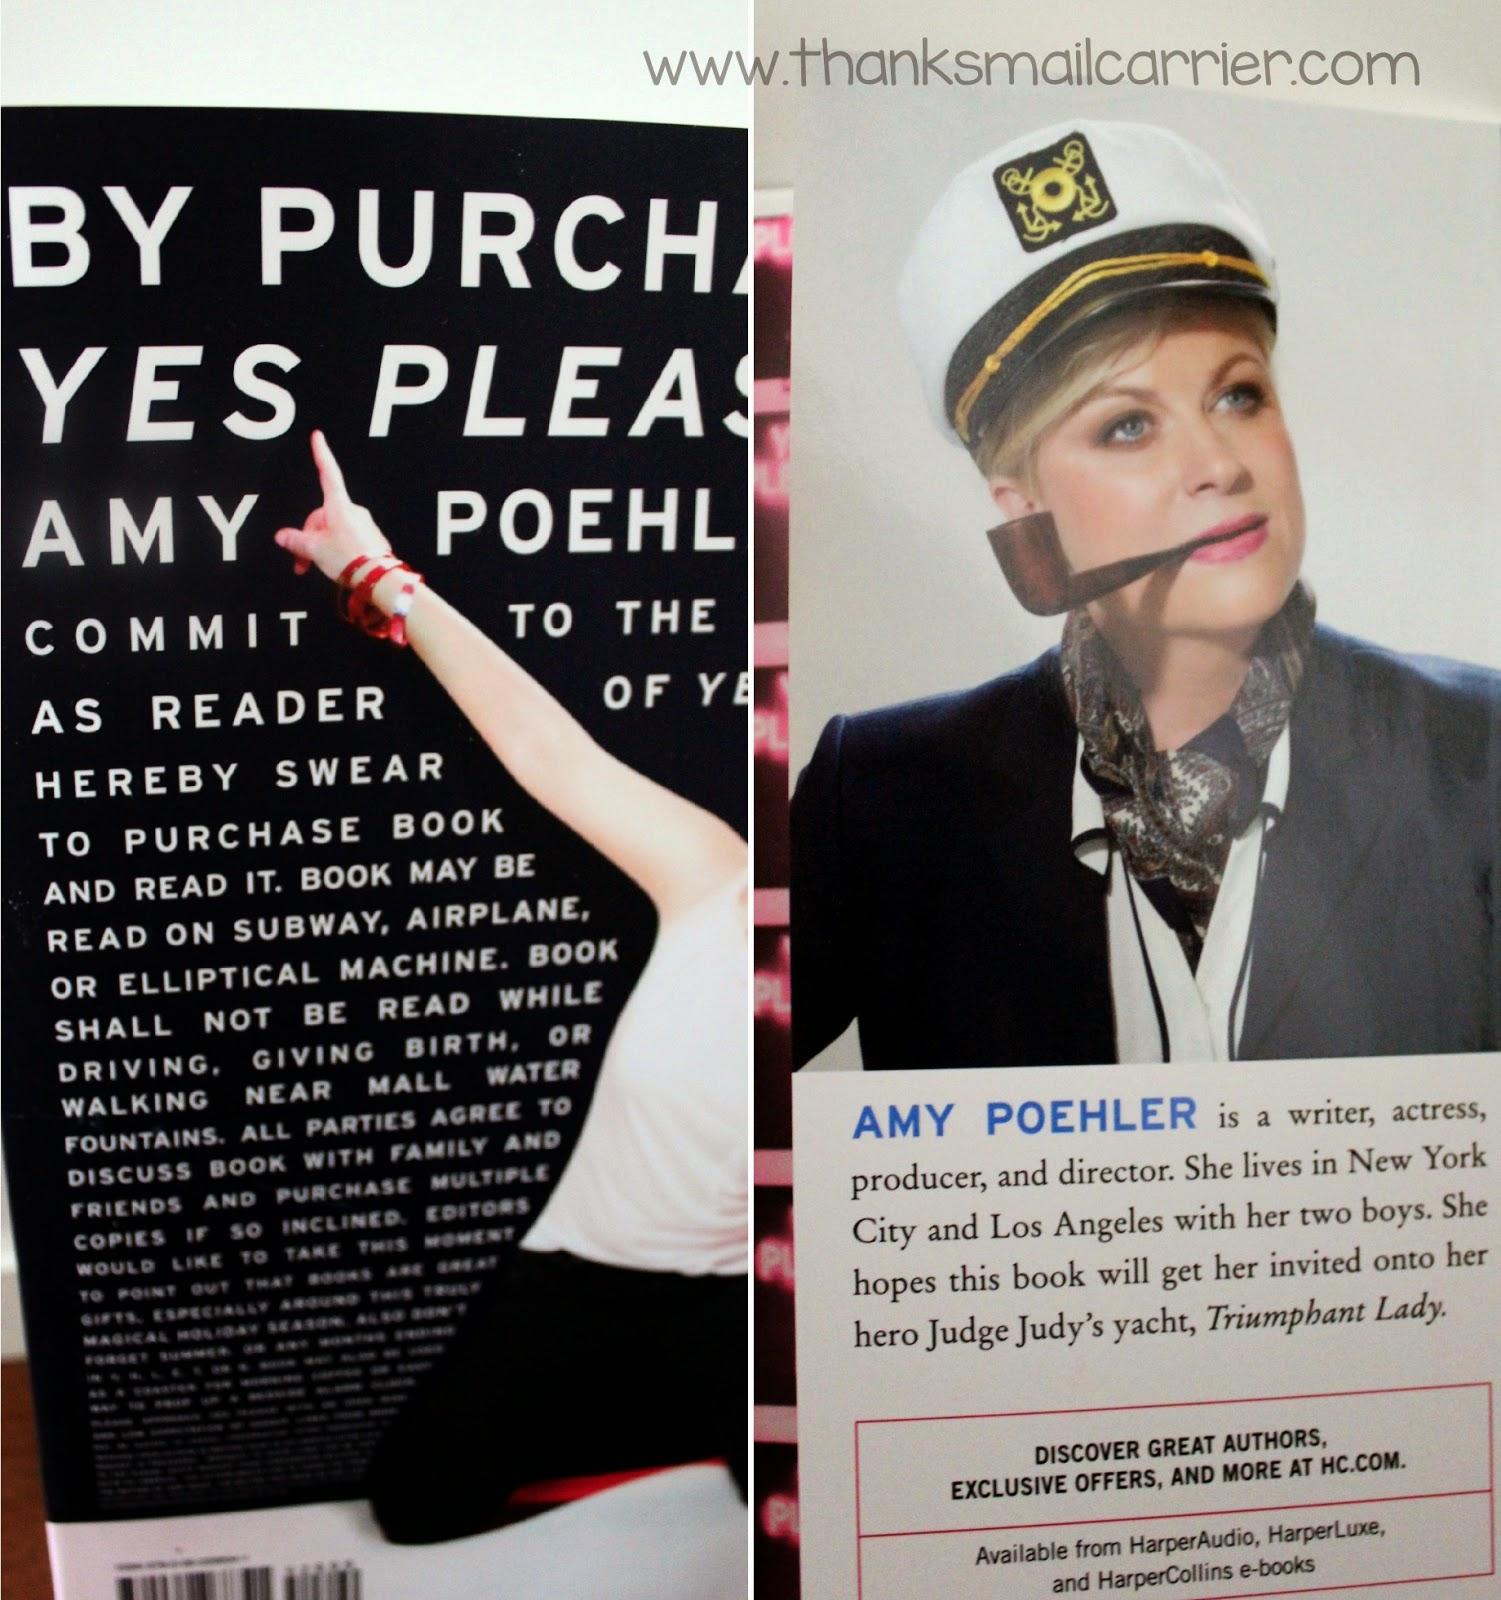 Amy Poehler book